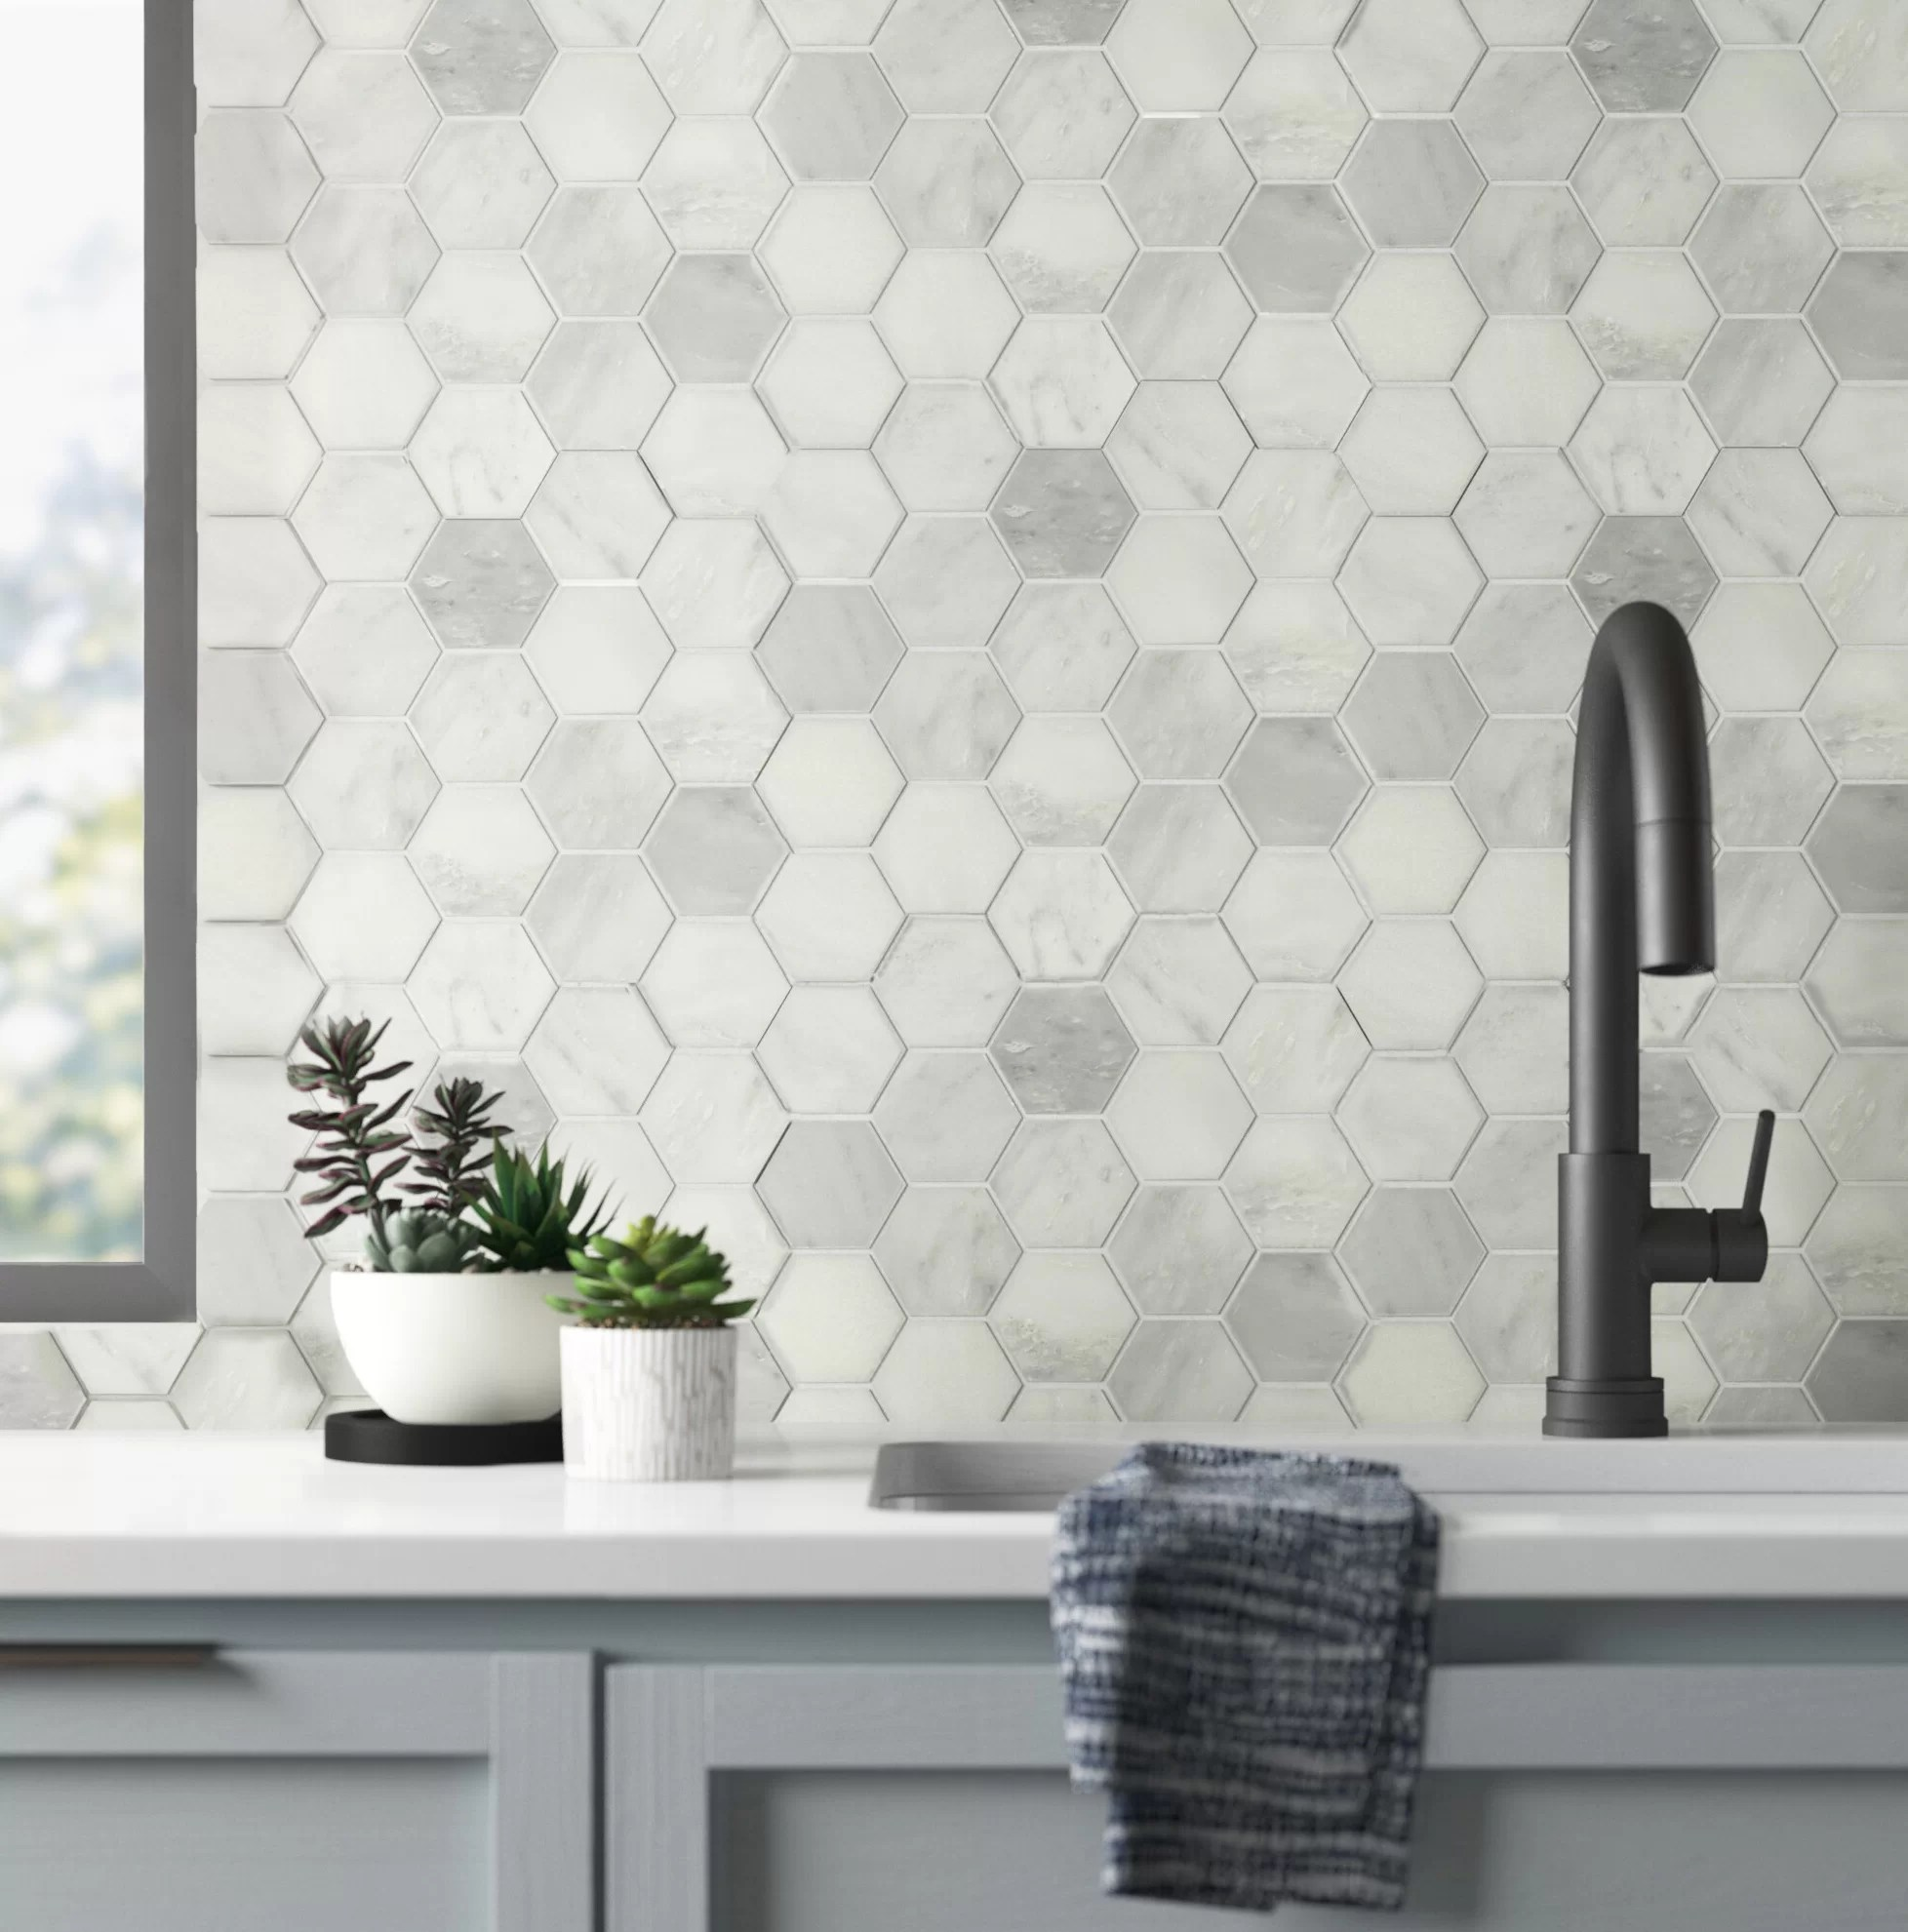 belmont 3 x 3 marble mosaic tile